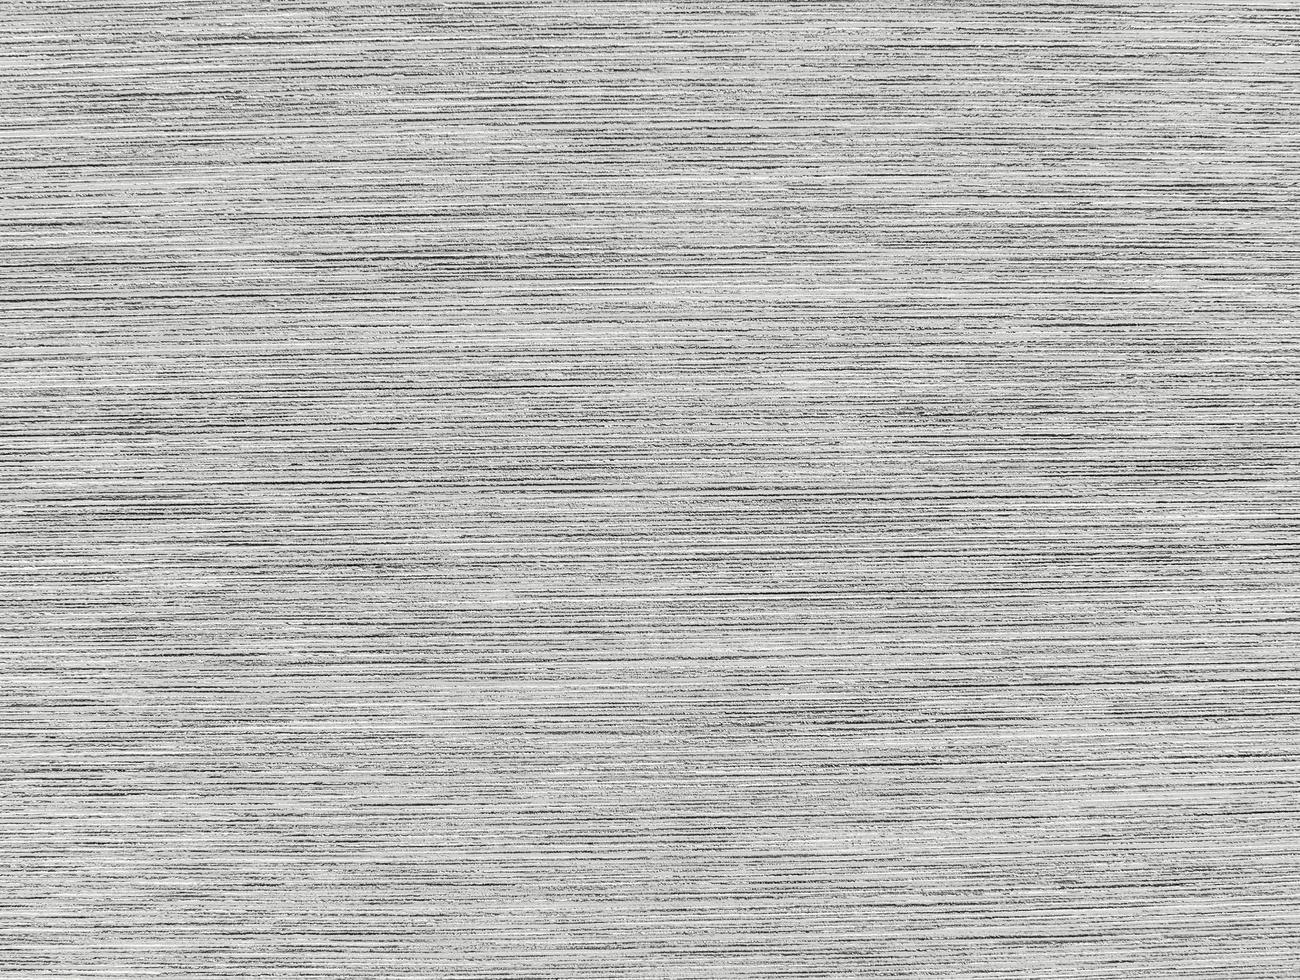 bekleed schoon papier textuur foto